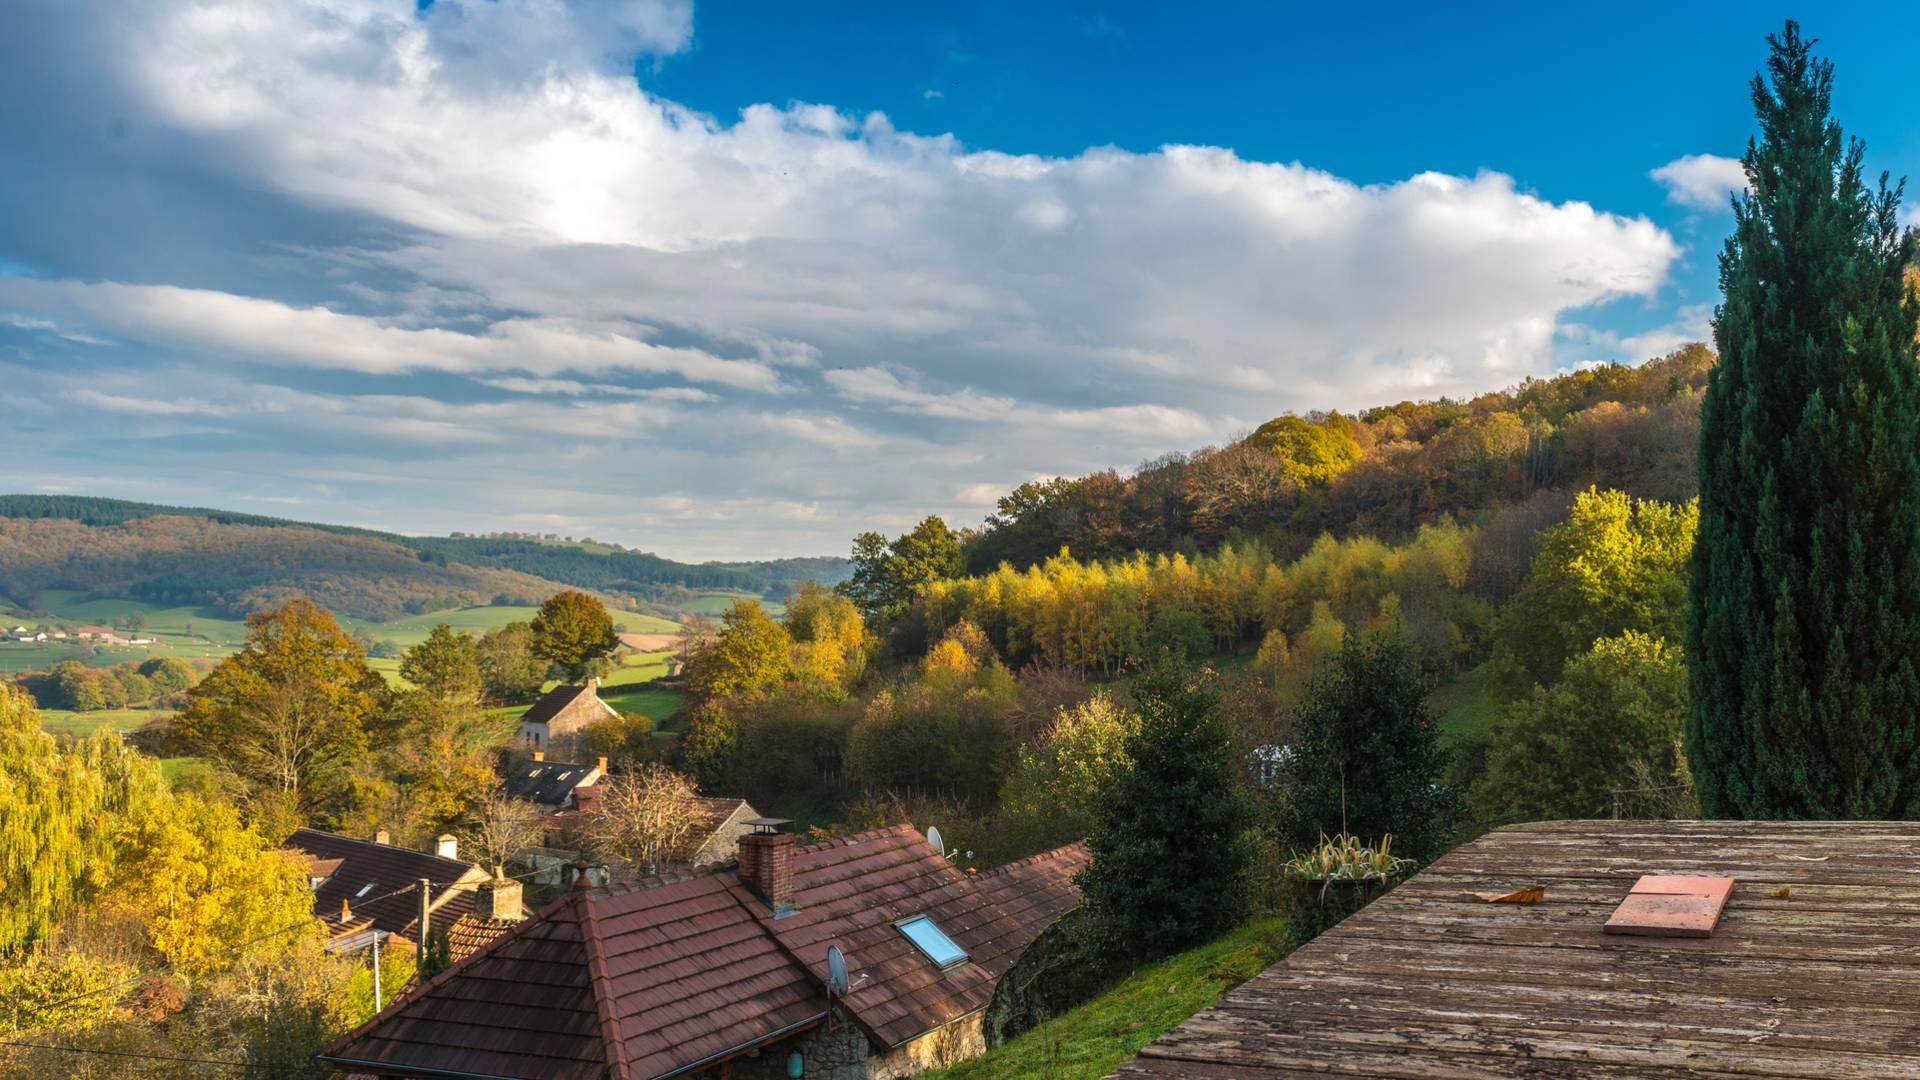 Paysage de la vallée du Mesvrin. © Oscara Photographe, Creusot Montceau Tourisme.